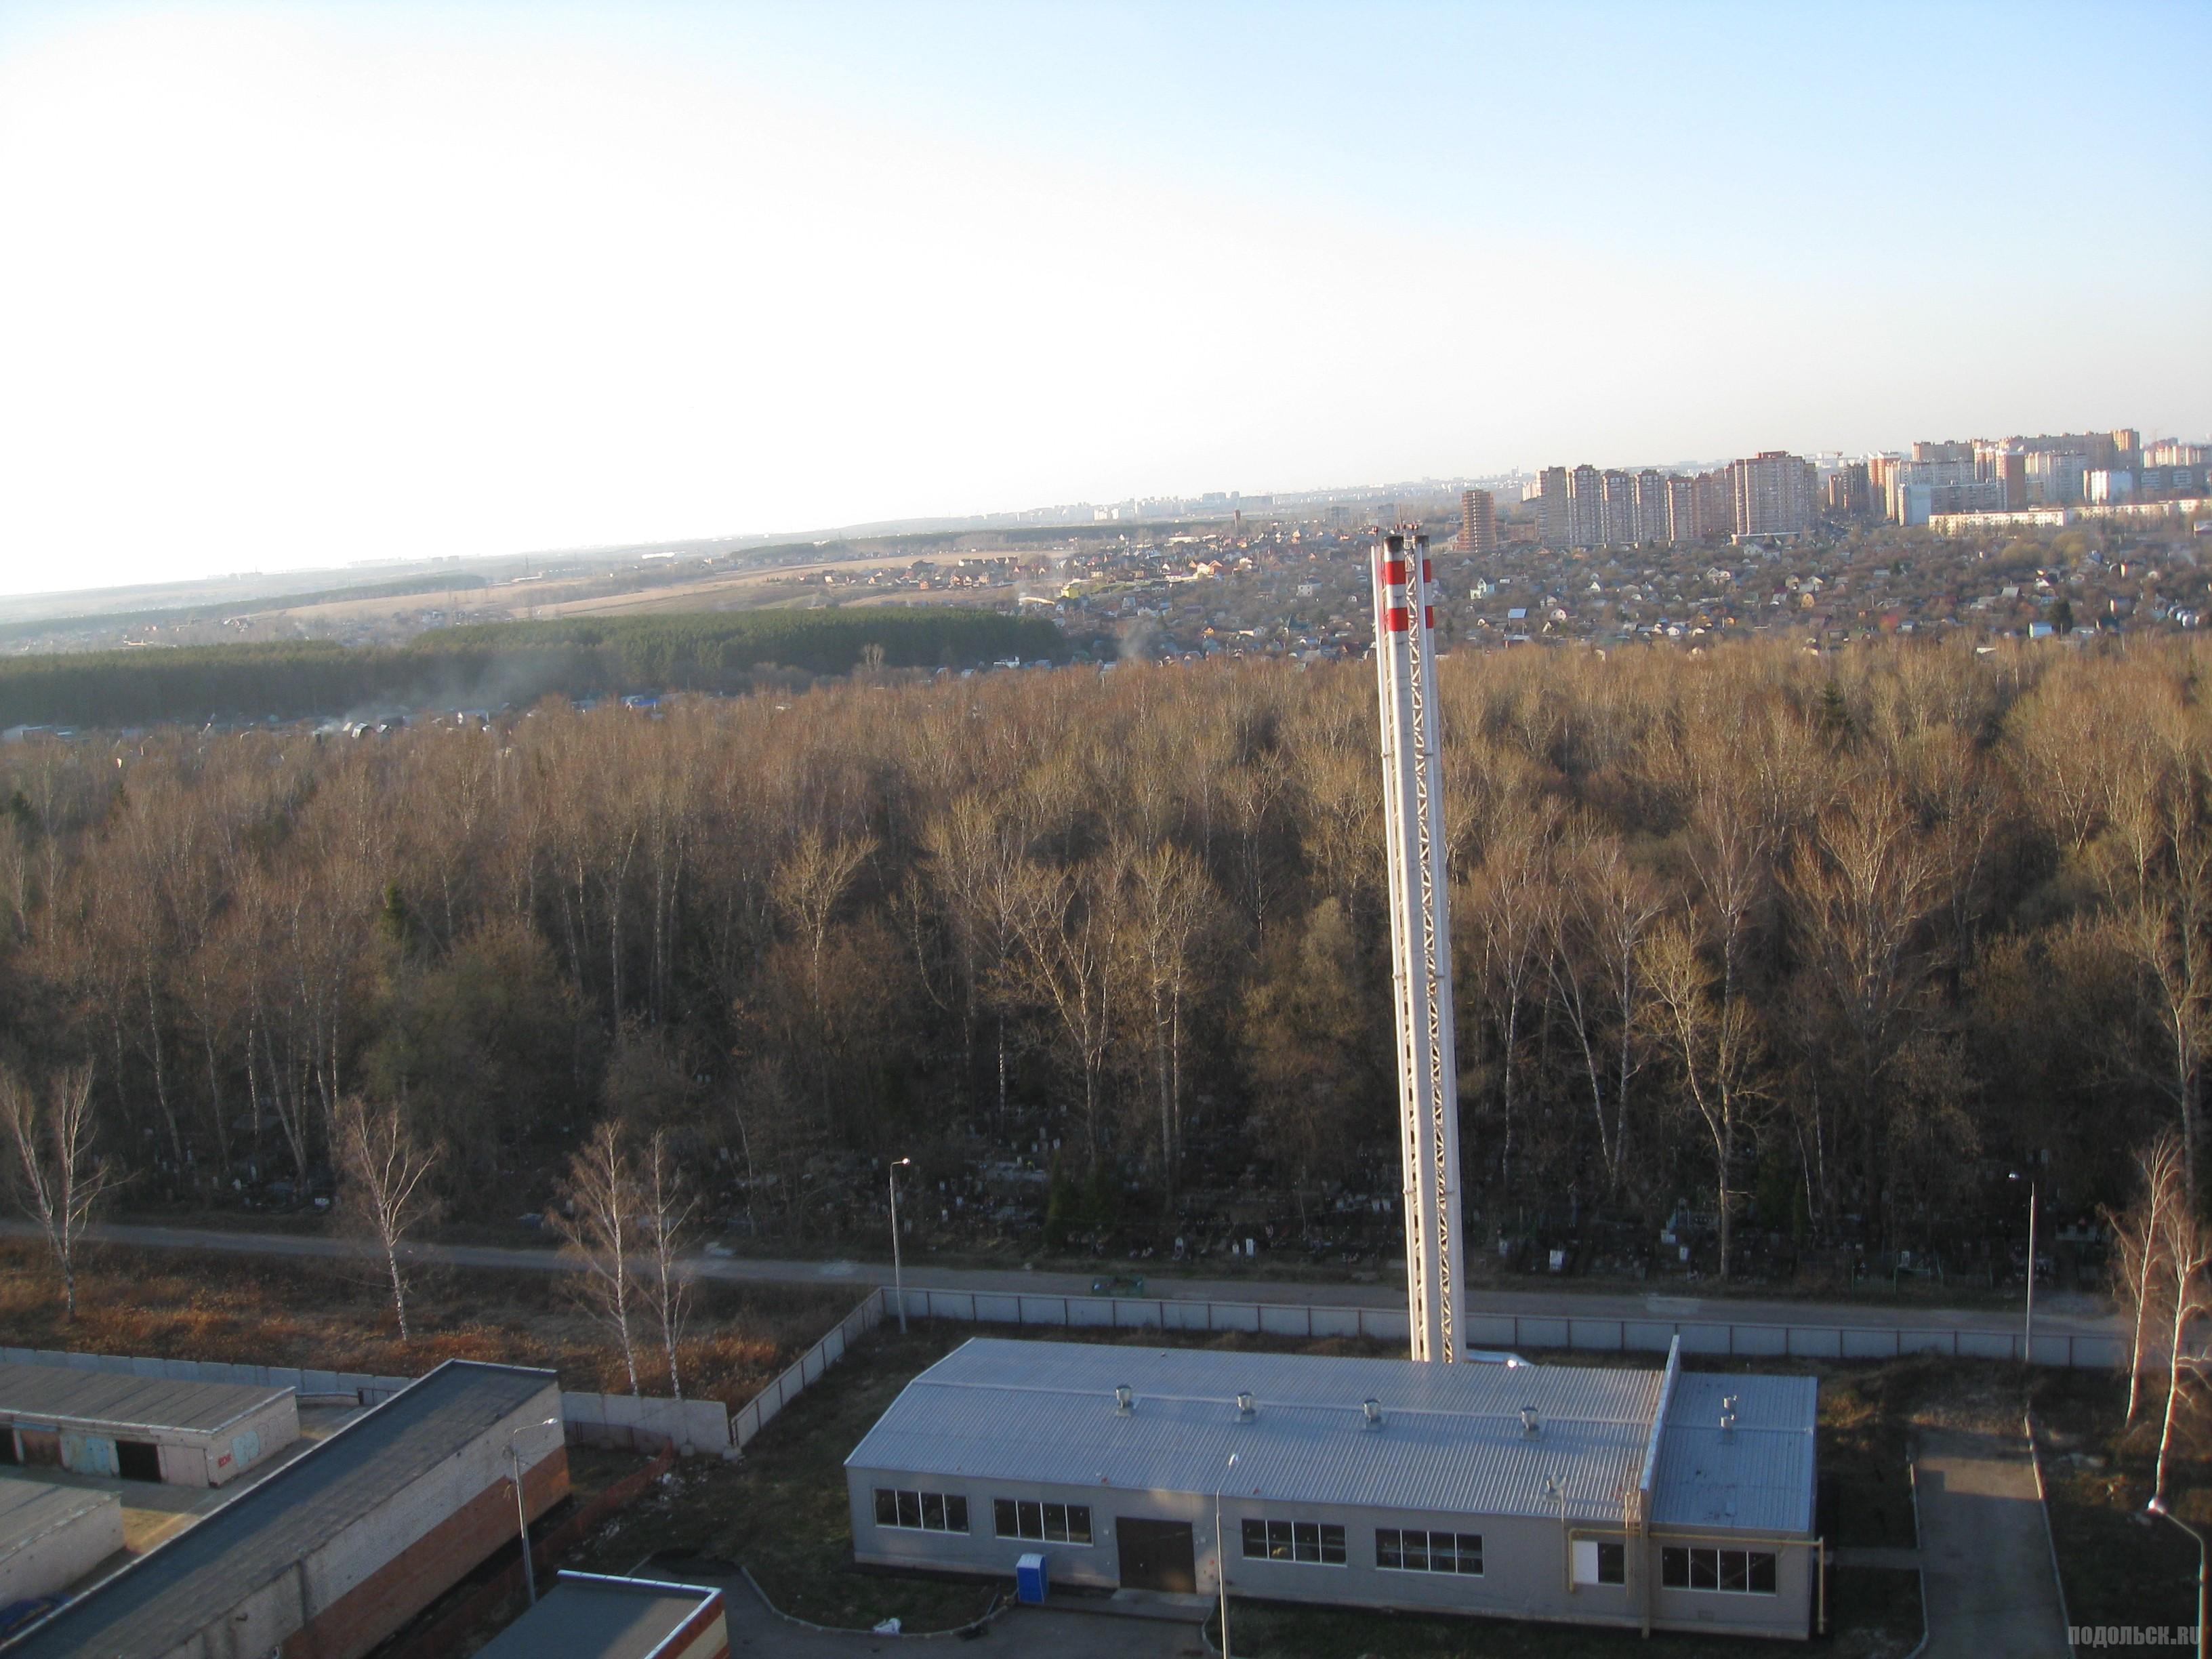 Котельная на Садовой, вид на кладбище. Апрель 2016.